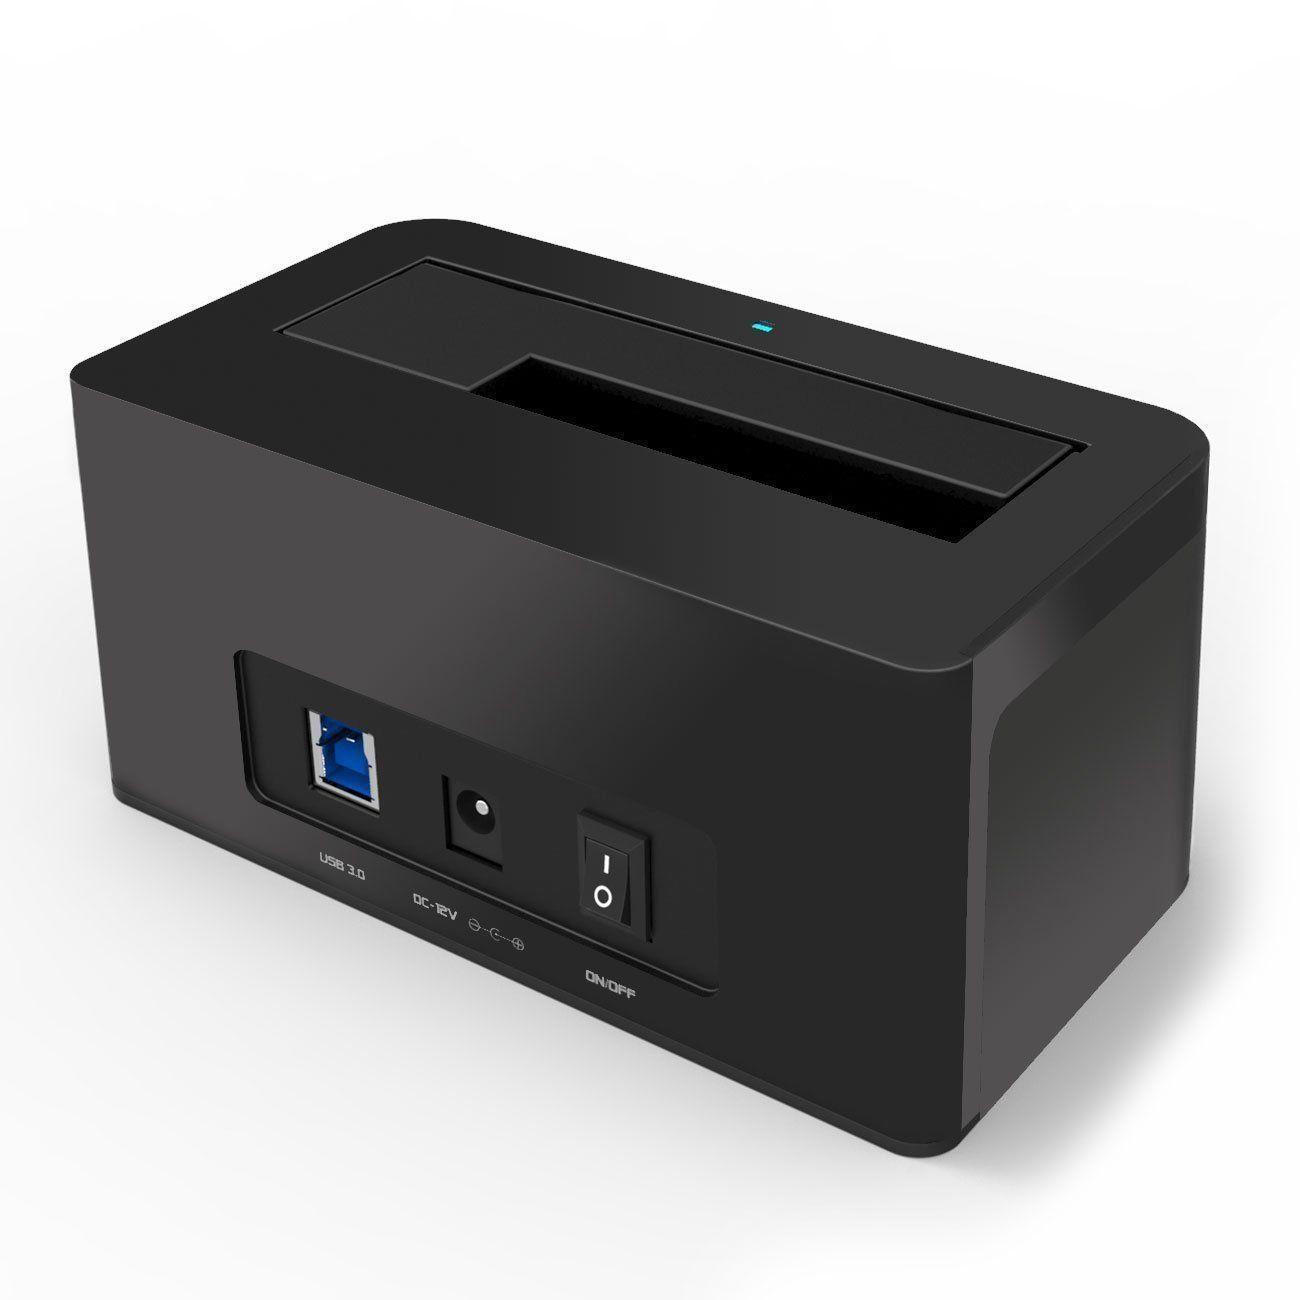 usb 3 0 sata docking station 2 5 3 5 hdd sata dock hard drive reader enclosure ebay. Black Bedroom Furniture Sets. Home Design Ideas